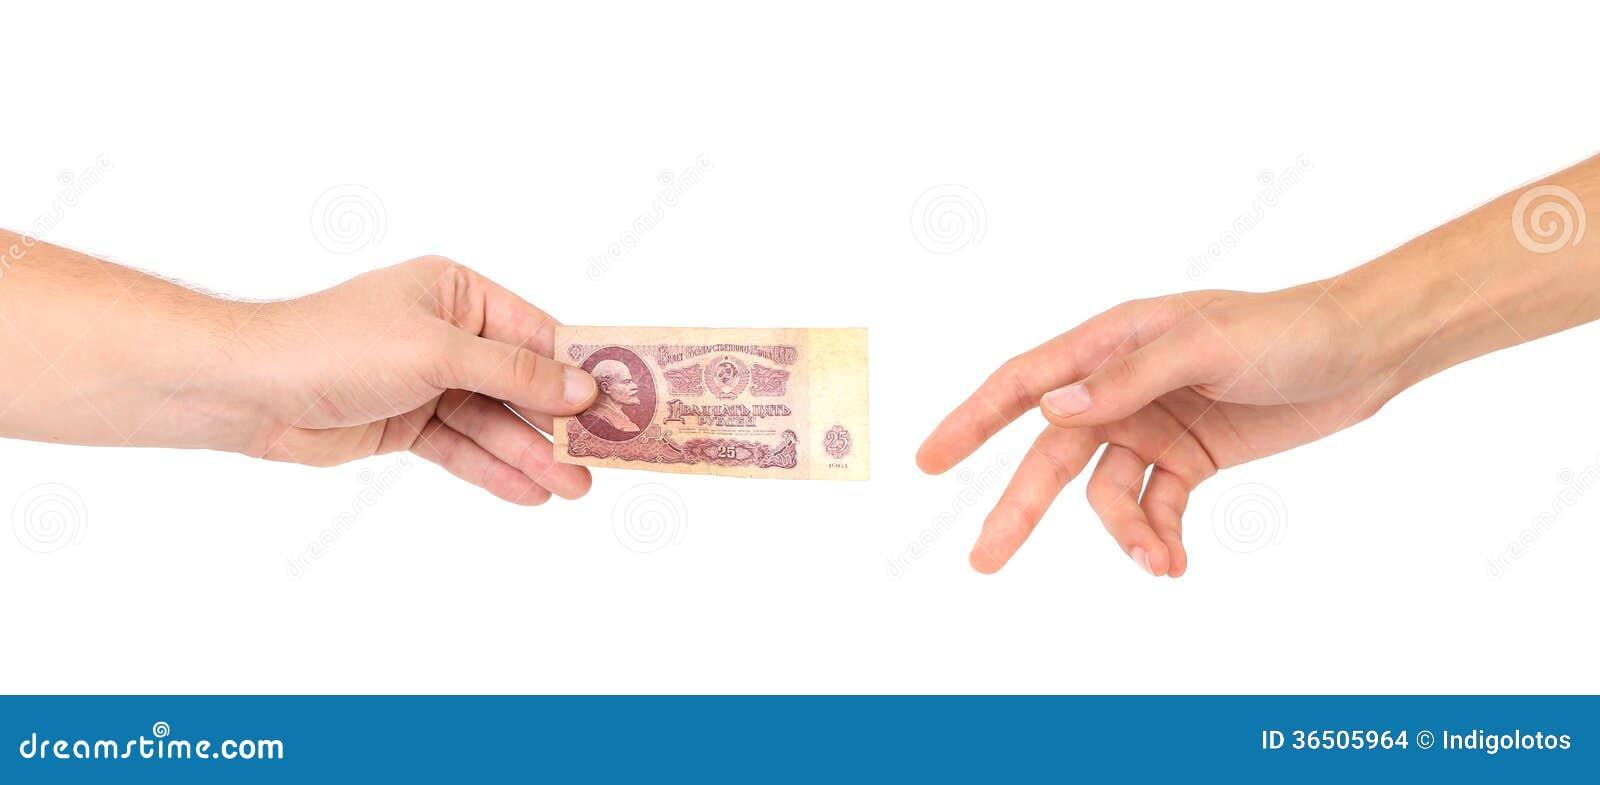 Cincuenta rublos en manos.